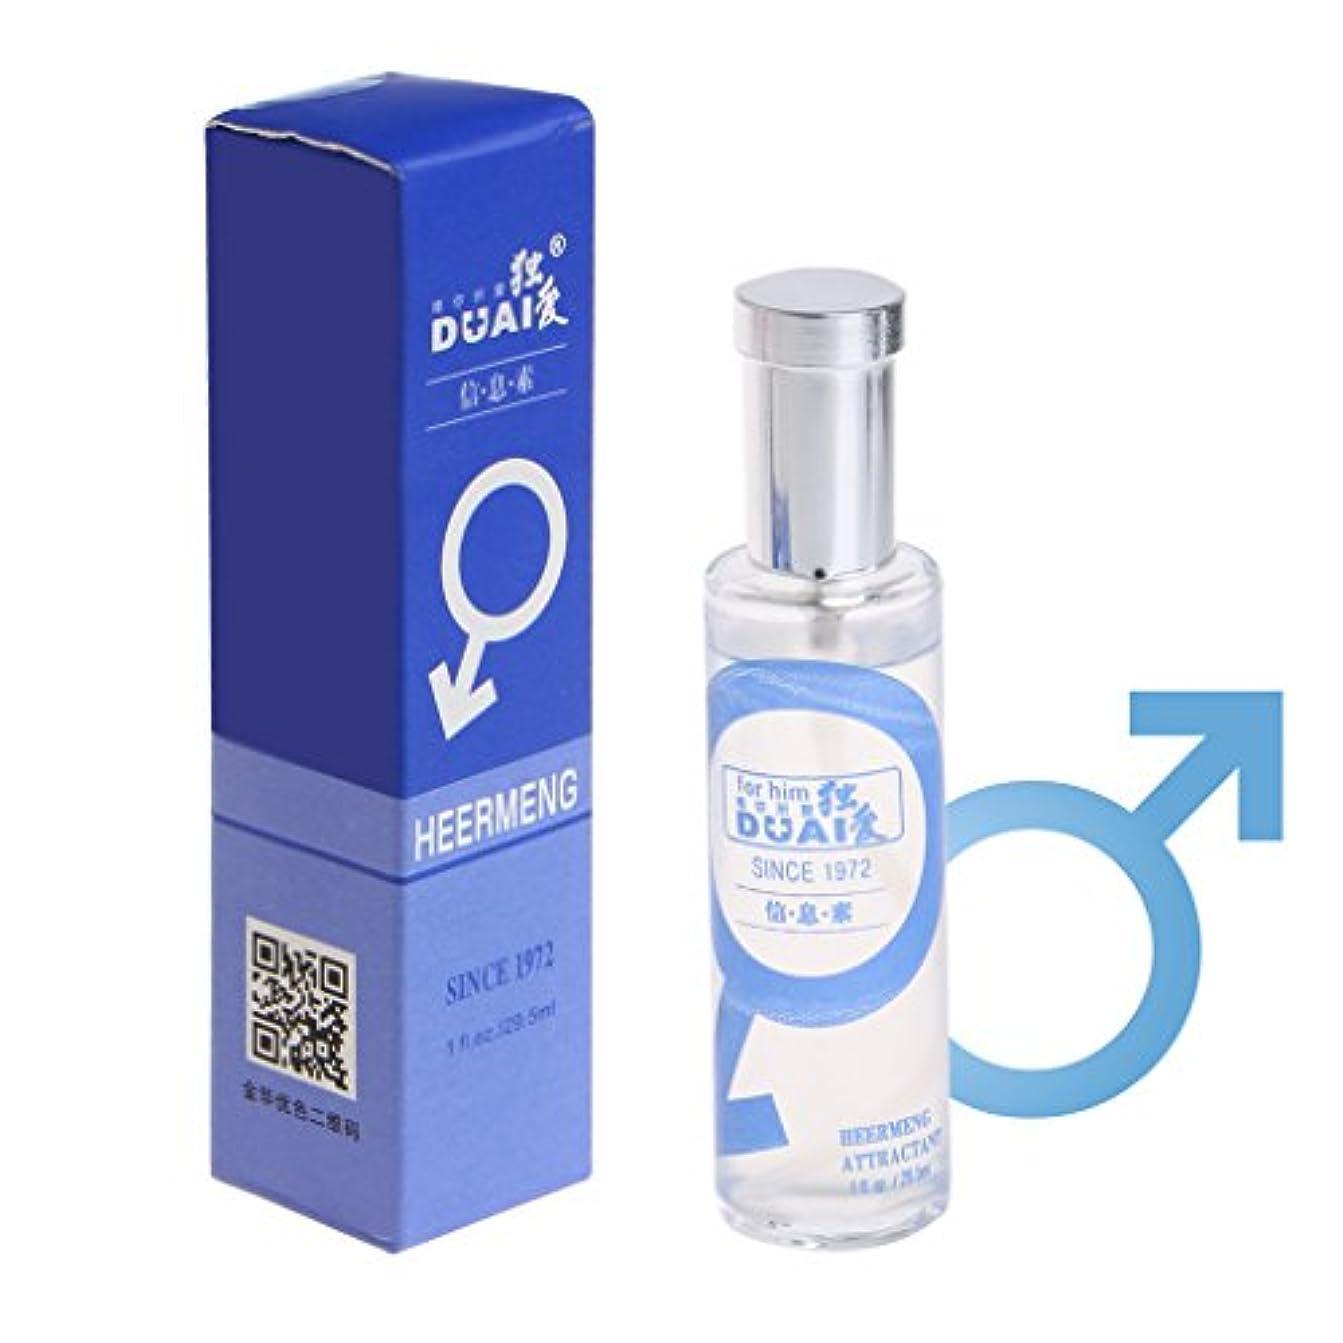 確かな発見クレタJAGETRADEセクシーな香水香水ボディスプレーオイルフェロモン男性の性のおもちゃのための媚薬の供給